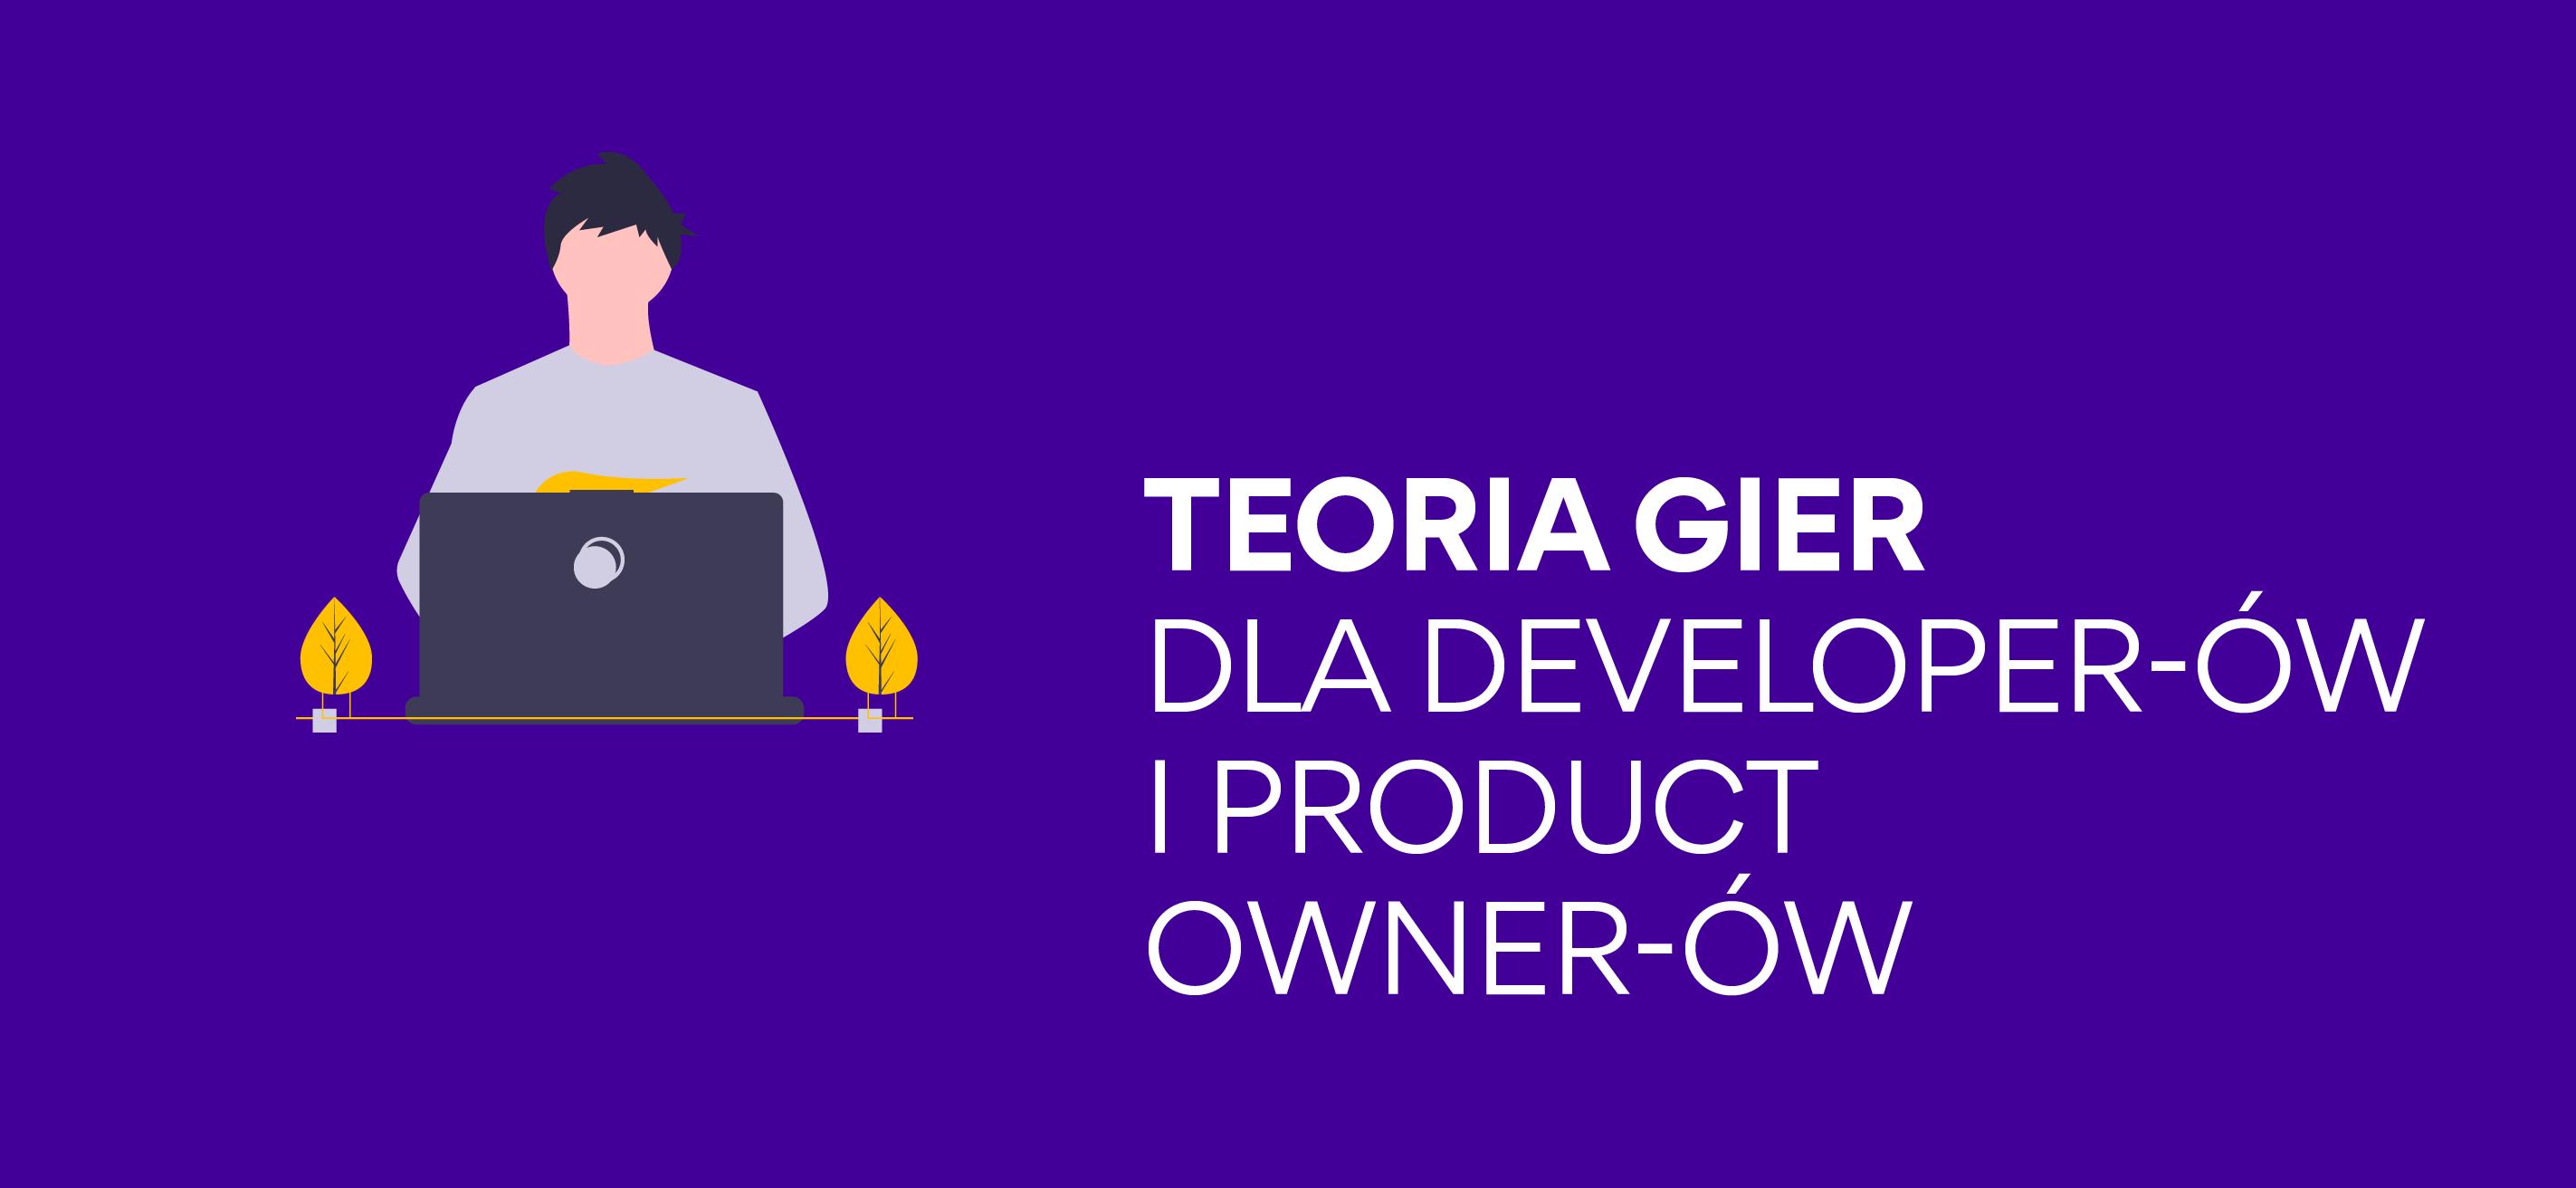 Teoria gier dla Developer-ów iProduct Owner-ów